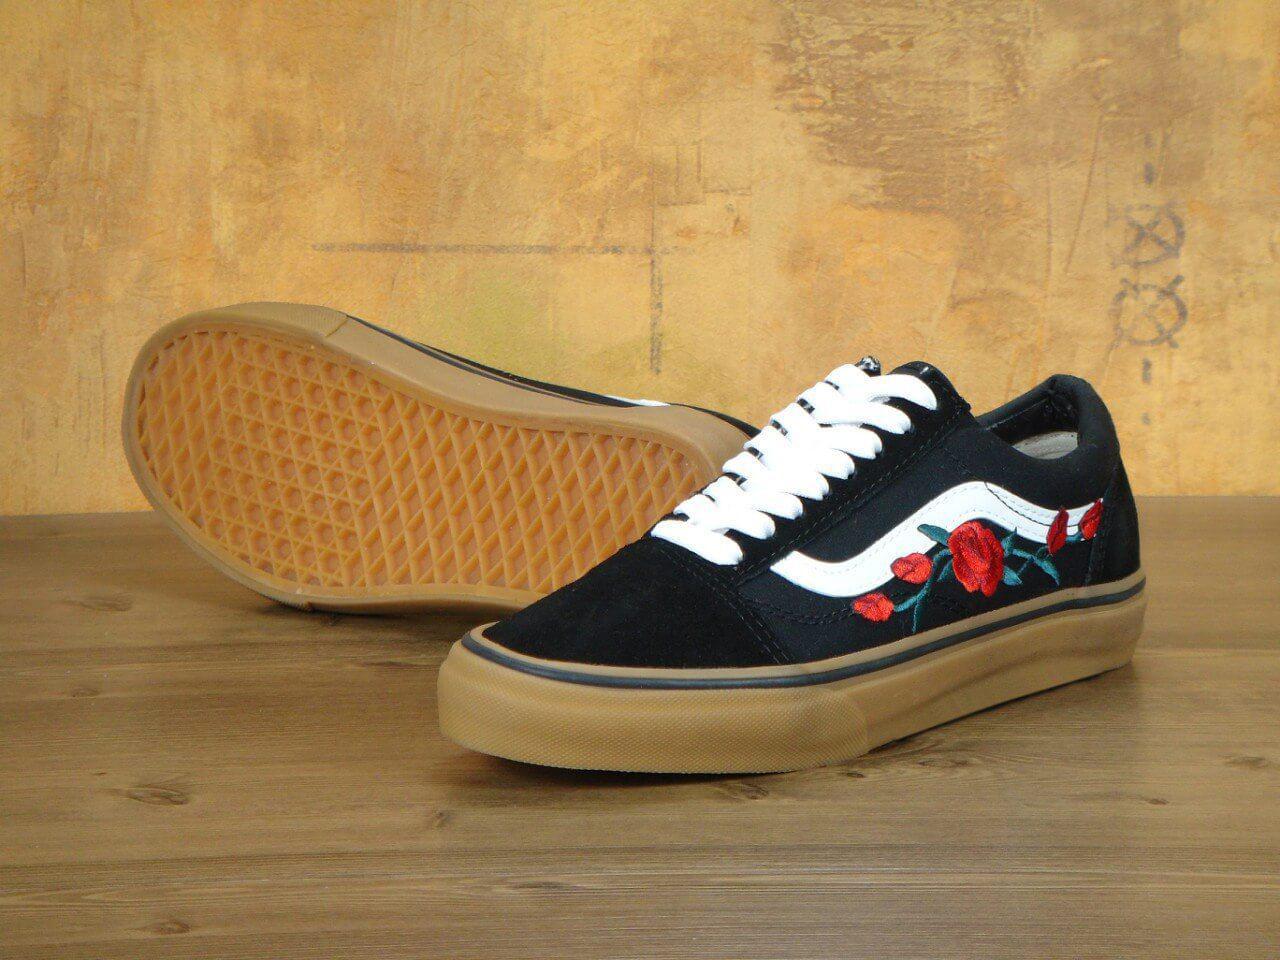 55903adc Купить мокасины и кеды Vans | Интернет-магазин обуви im-polli